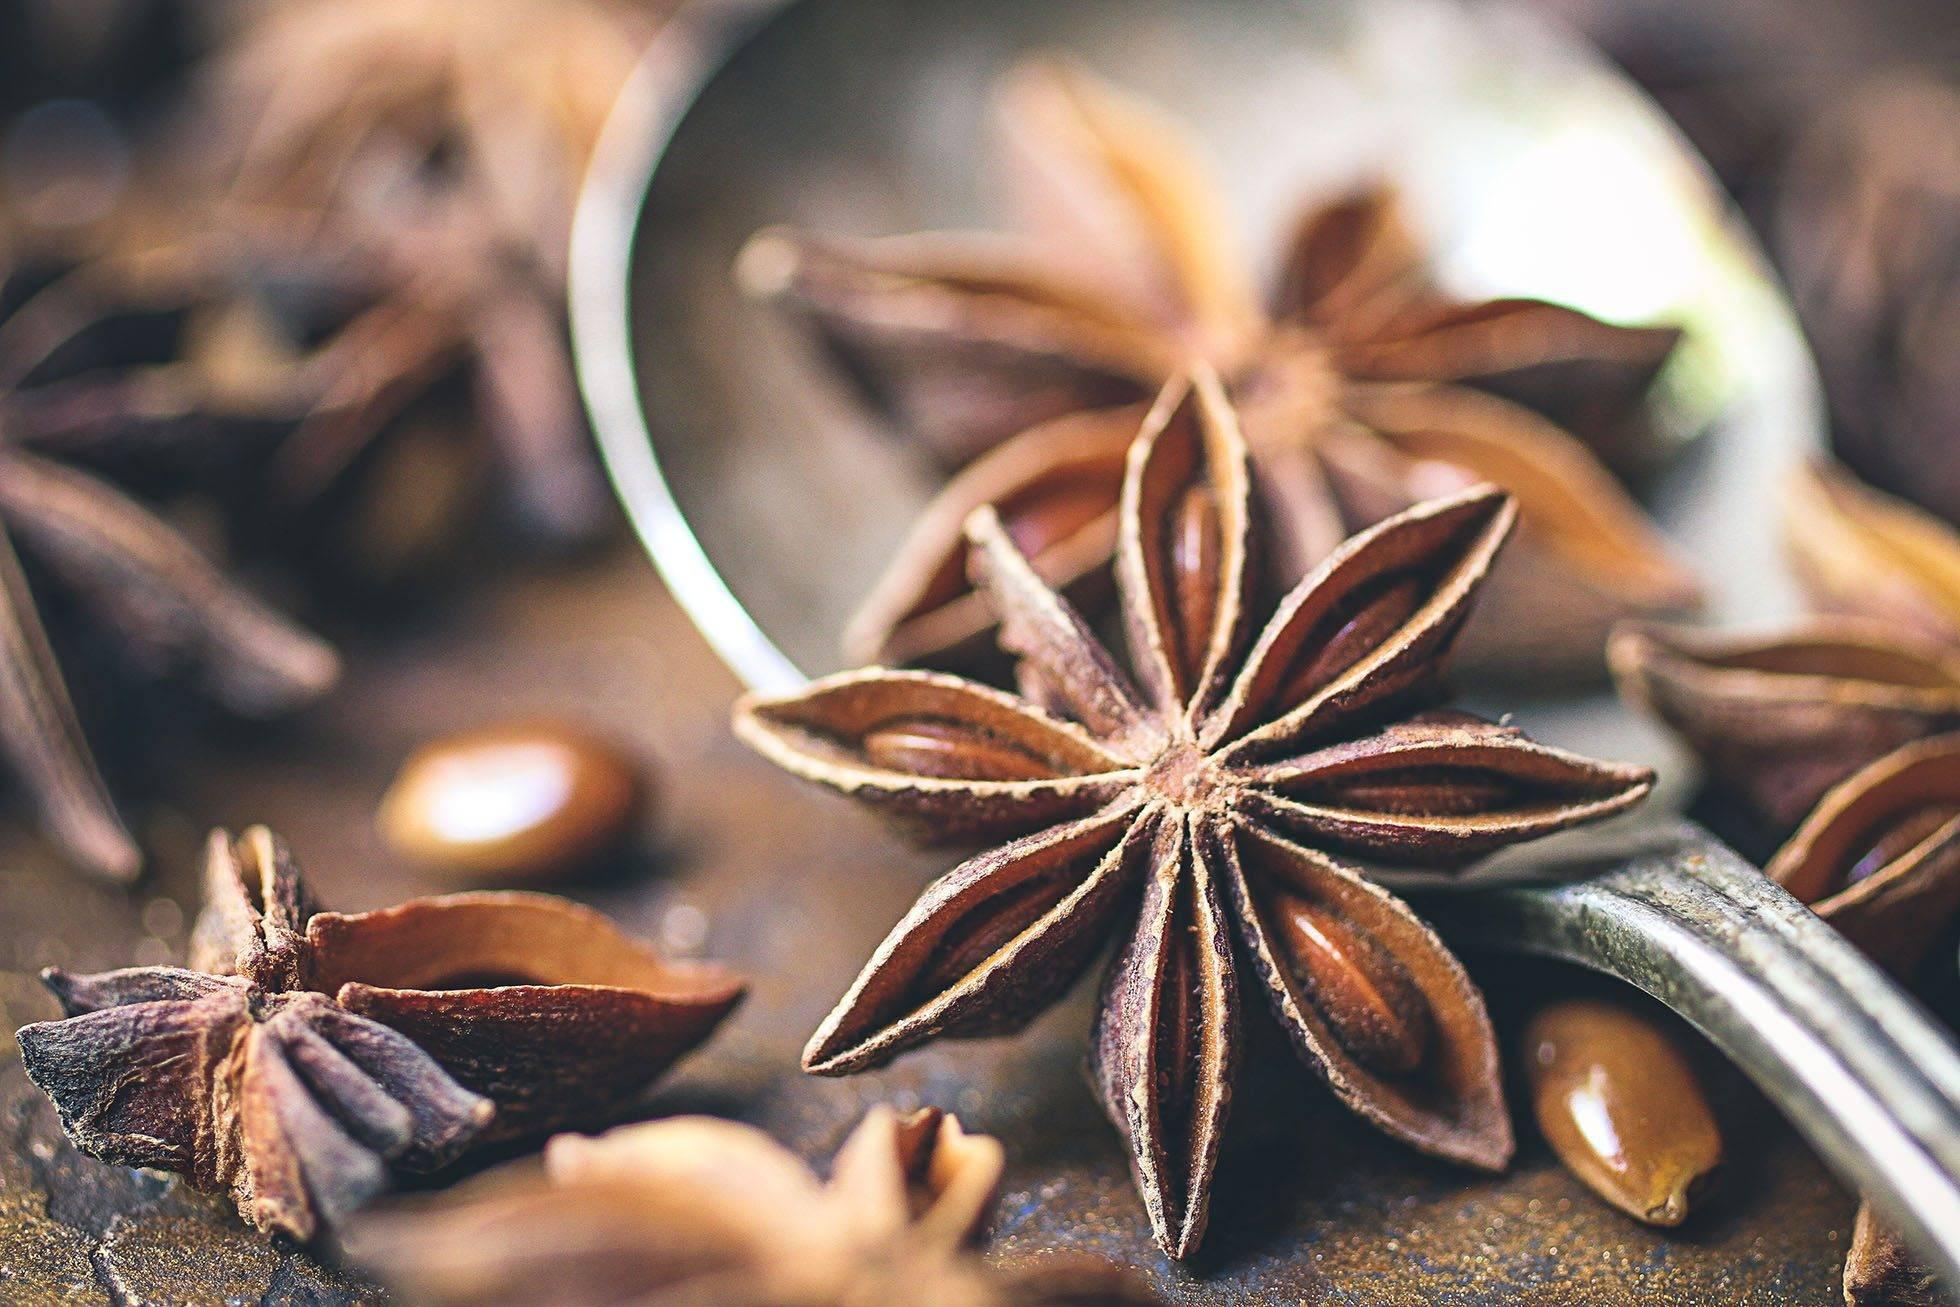 Бадьян: полезные свойства и противопоказания, чай, настой, настойка, отвар, корни, эфирное масло   народная медицина   dlja-pohudenija.ru